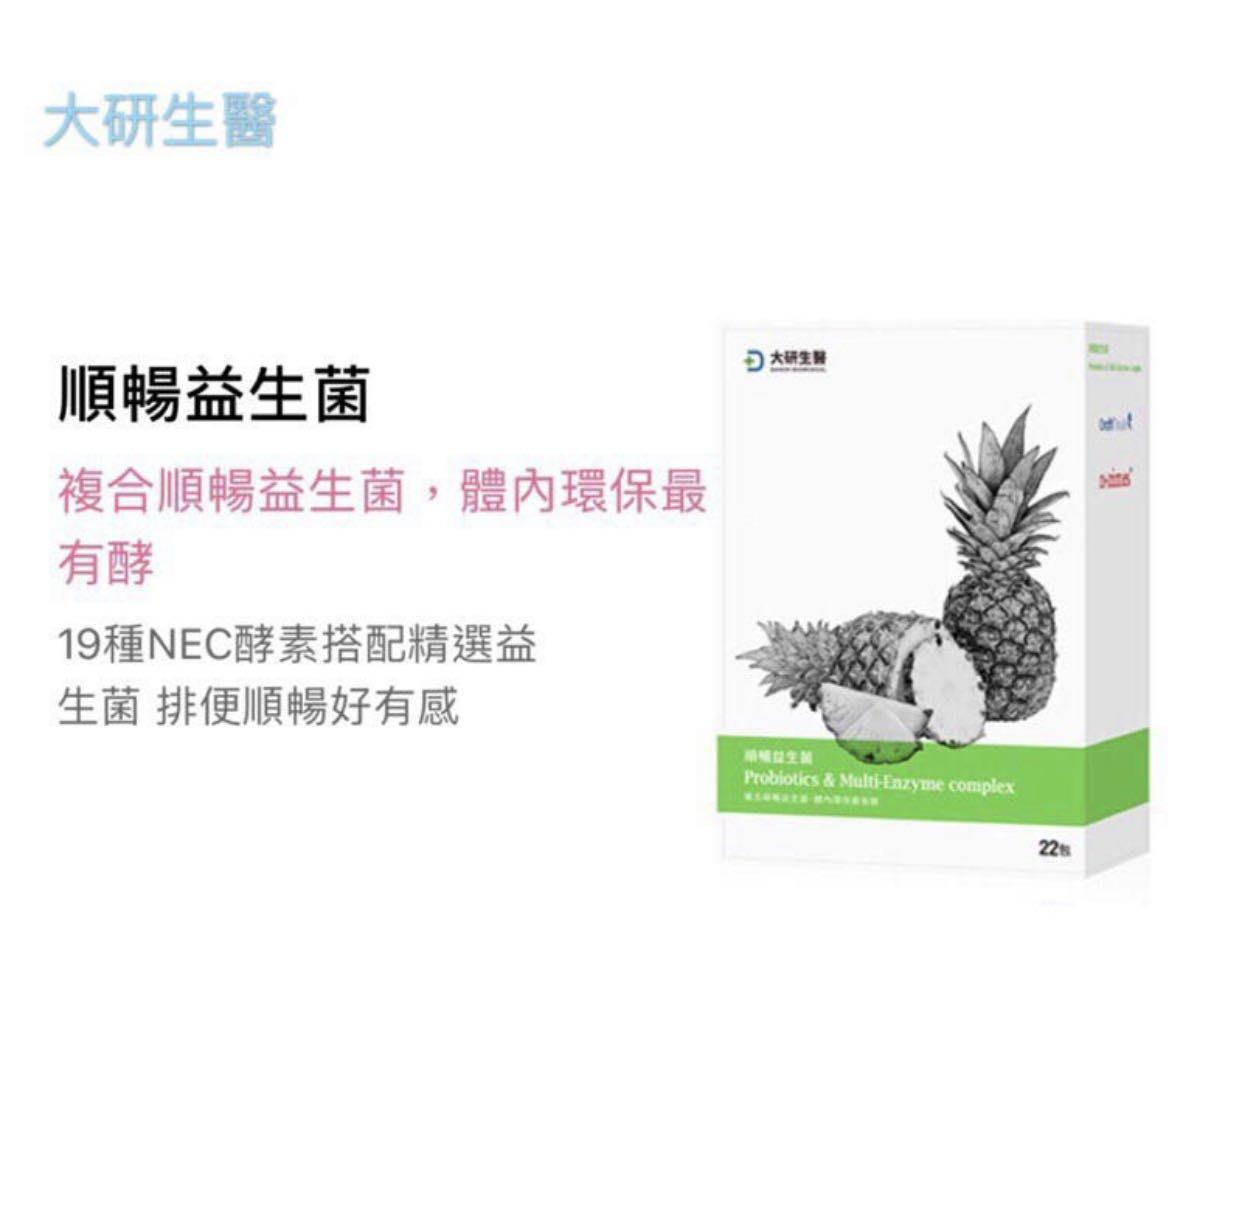 順暢益生菌(19種消化酵素➕精選益生菌)-促進代謝、體內環保最有酵、排便順暢好有感(22包/盒)(有現貨)